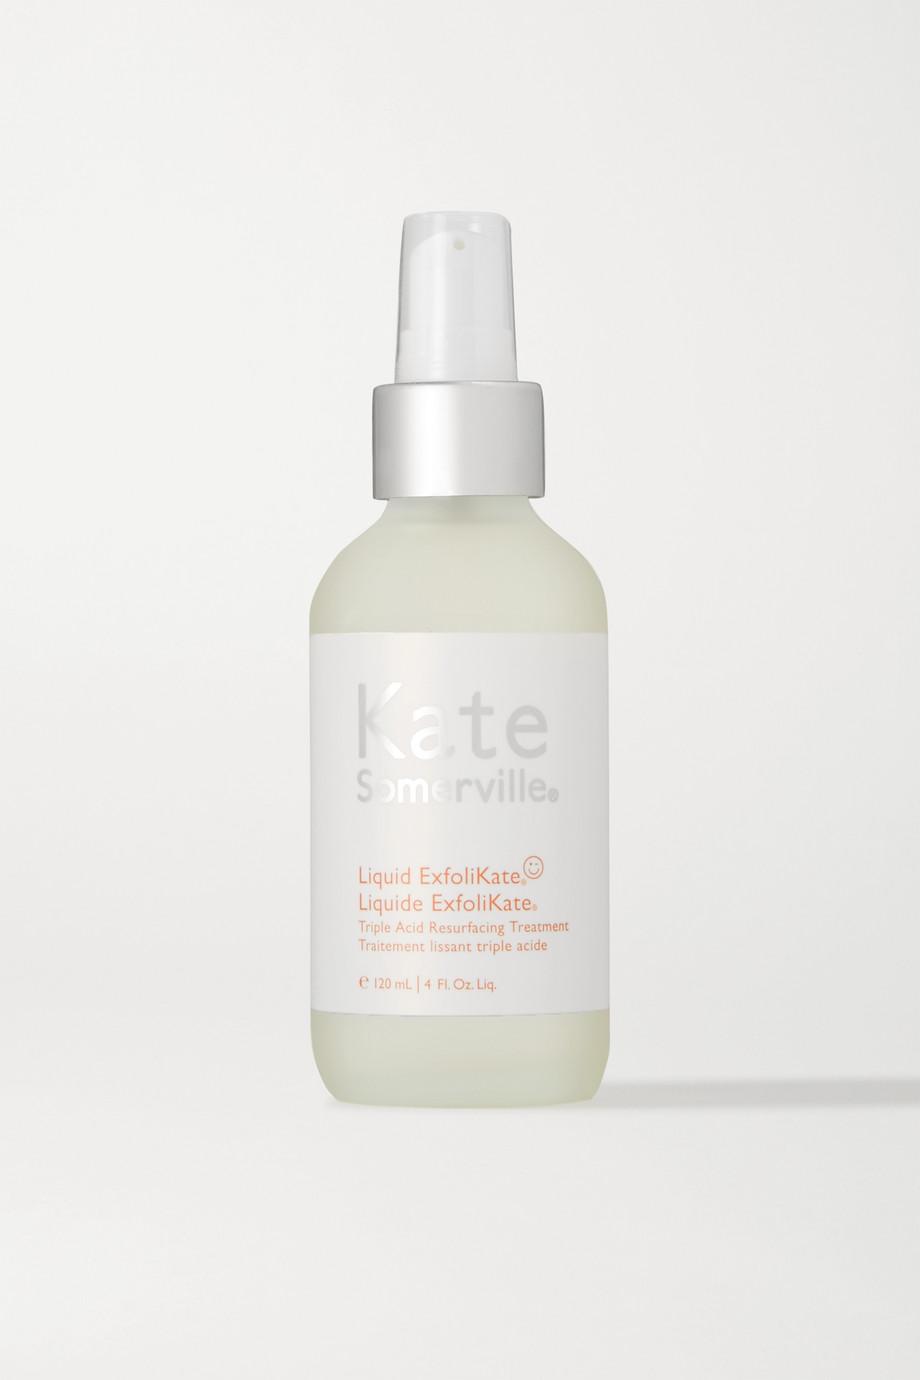 Kate Somerville Liquid ExfoliKate Triple Acid Resurfacing Treatment, 120 ml – Peeling